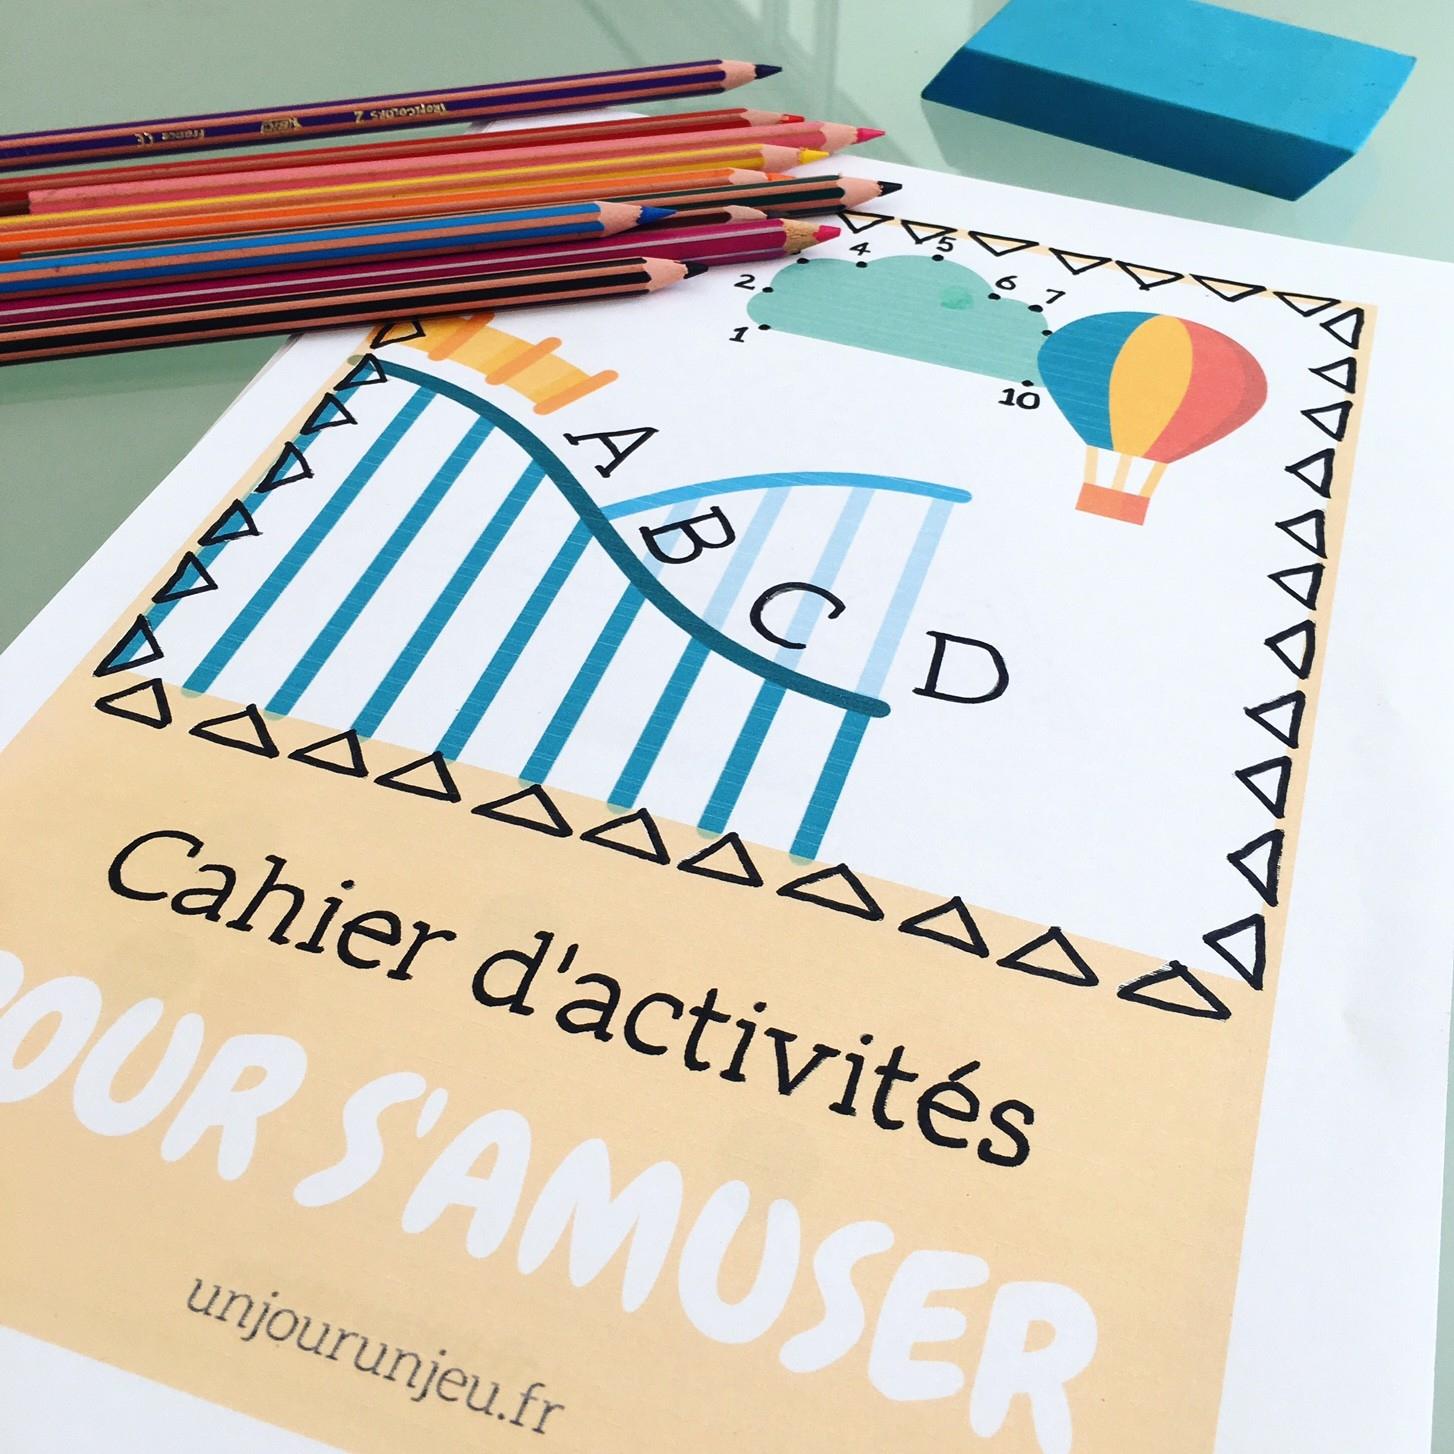 Cahier D'activités Enfants Pour Les Vacances À Imprimer à Cahier De Vacances À Imprimer